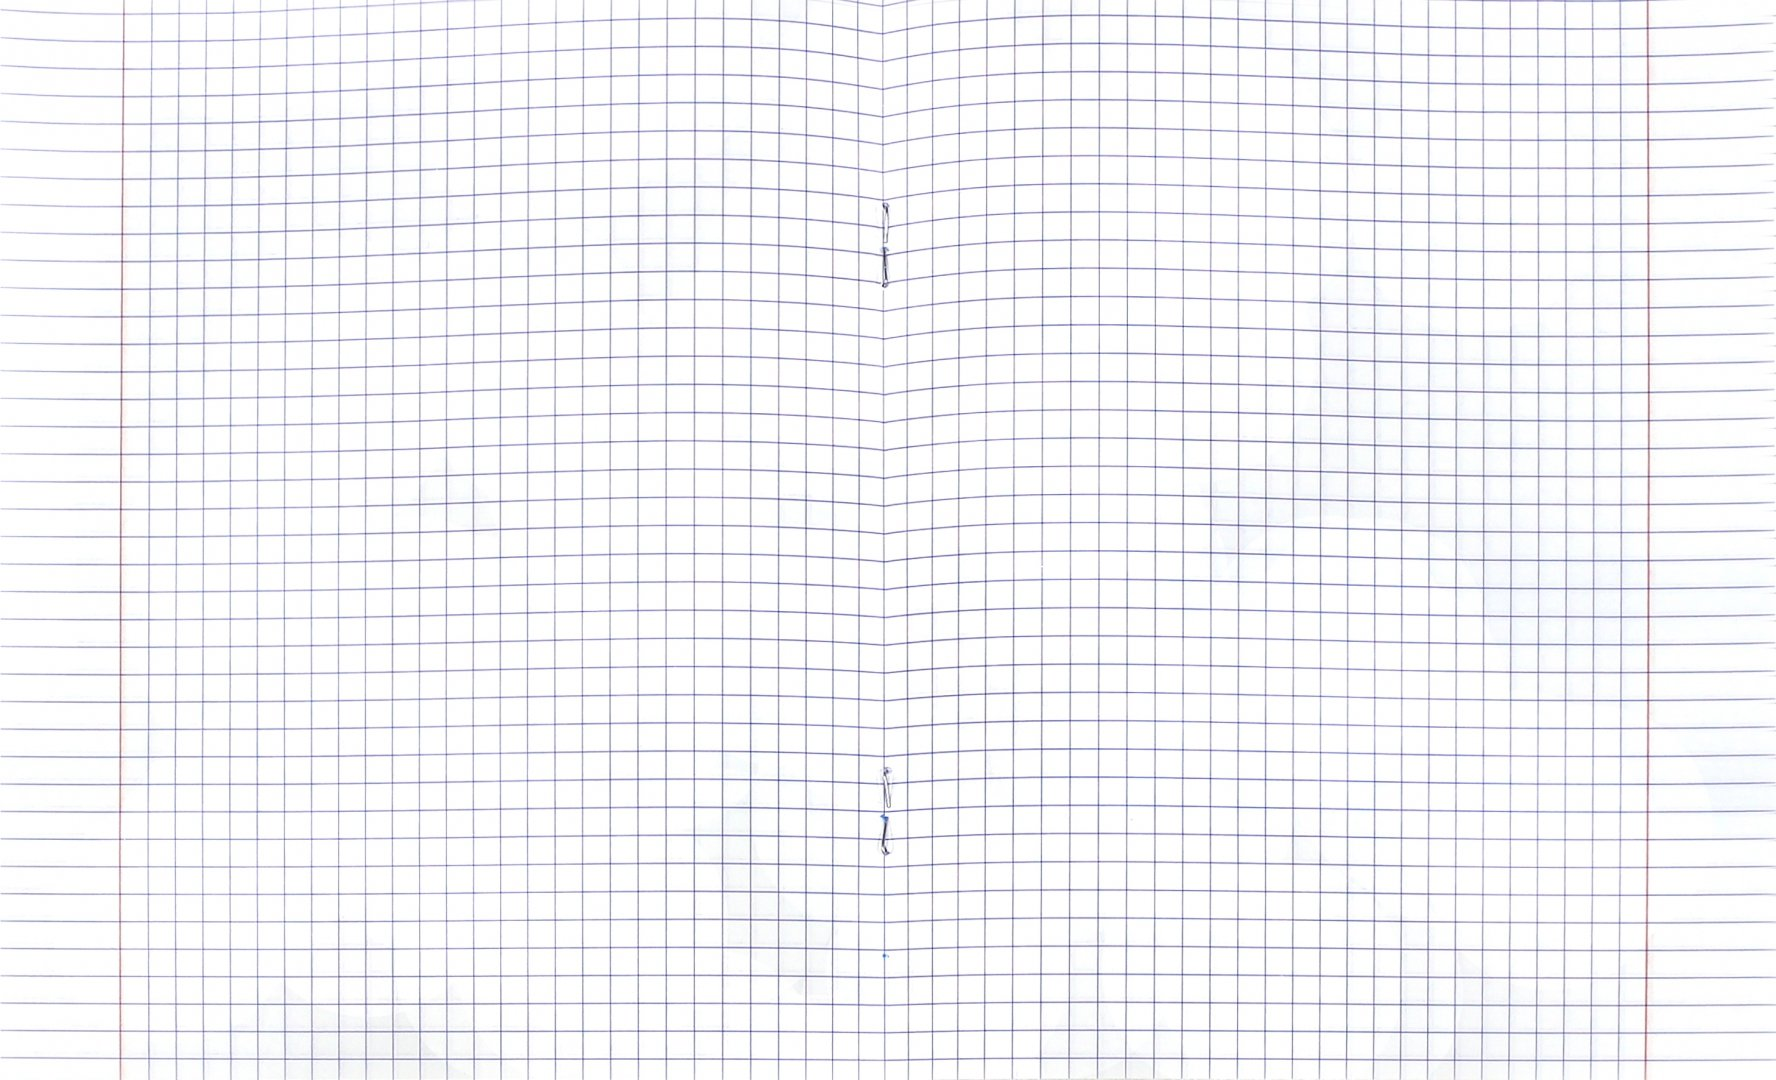 Иллюстрация 1 из 4 для Тетрадь 12 листов, клетка, пластиковая обложка, голубая (120101) | Лабиринт - канцтовы. Источник: Лабиринт